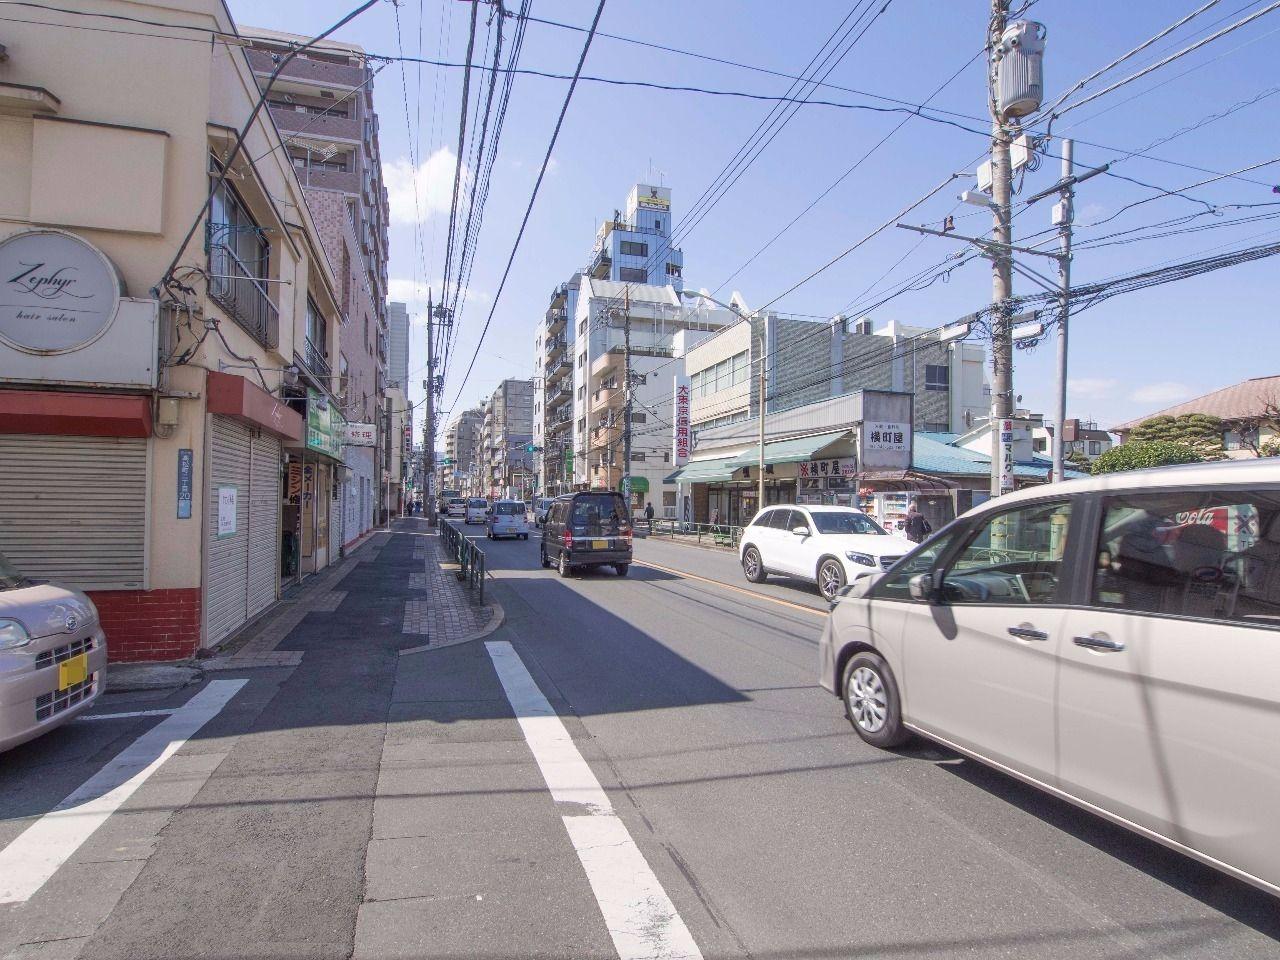 立川通り沿いには様々な商店などが立ち並ぶ楽しい通り。